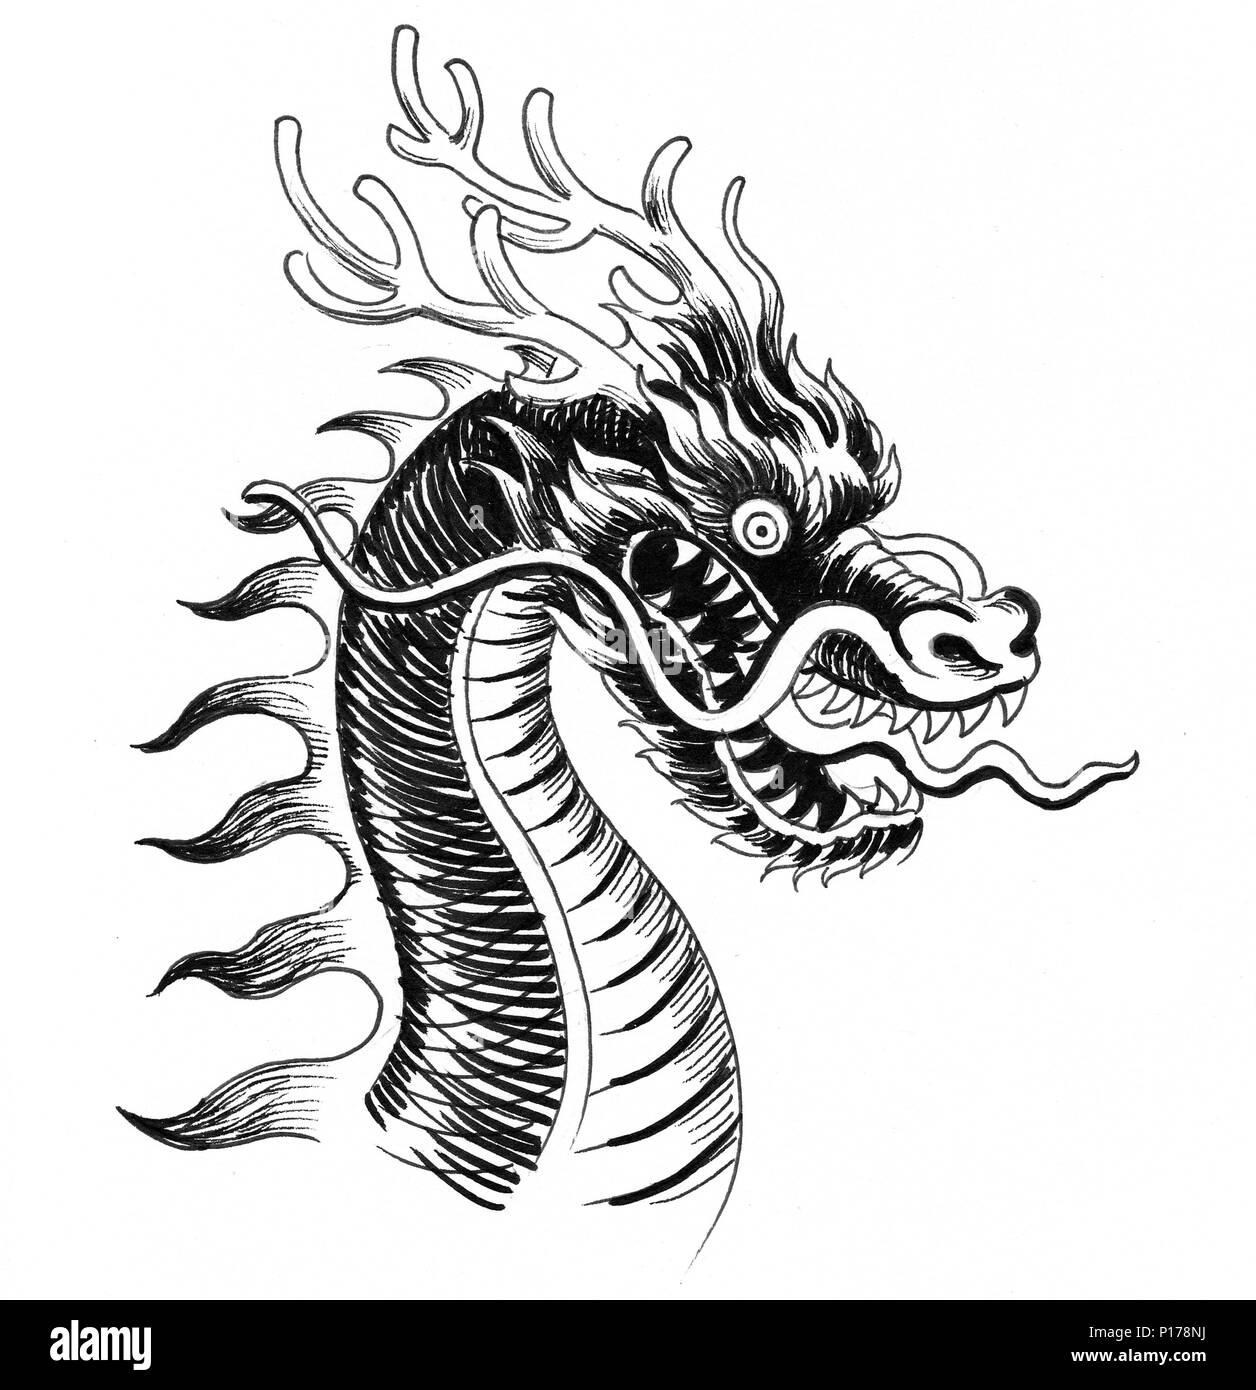 Dragón Chino Tradicional Dibujo En Blanco Y Negro De Tinta Foto